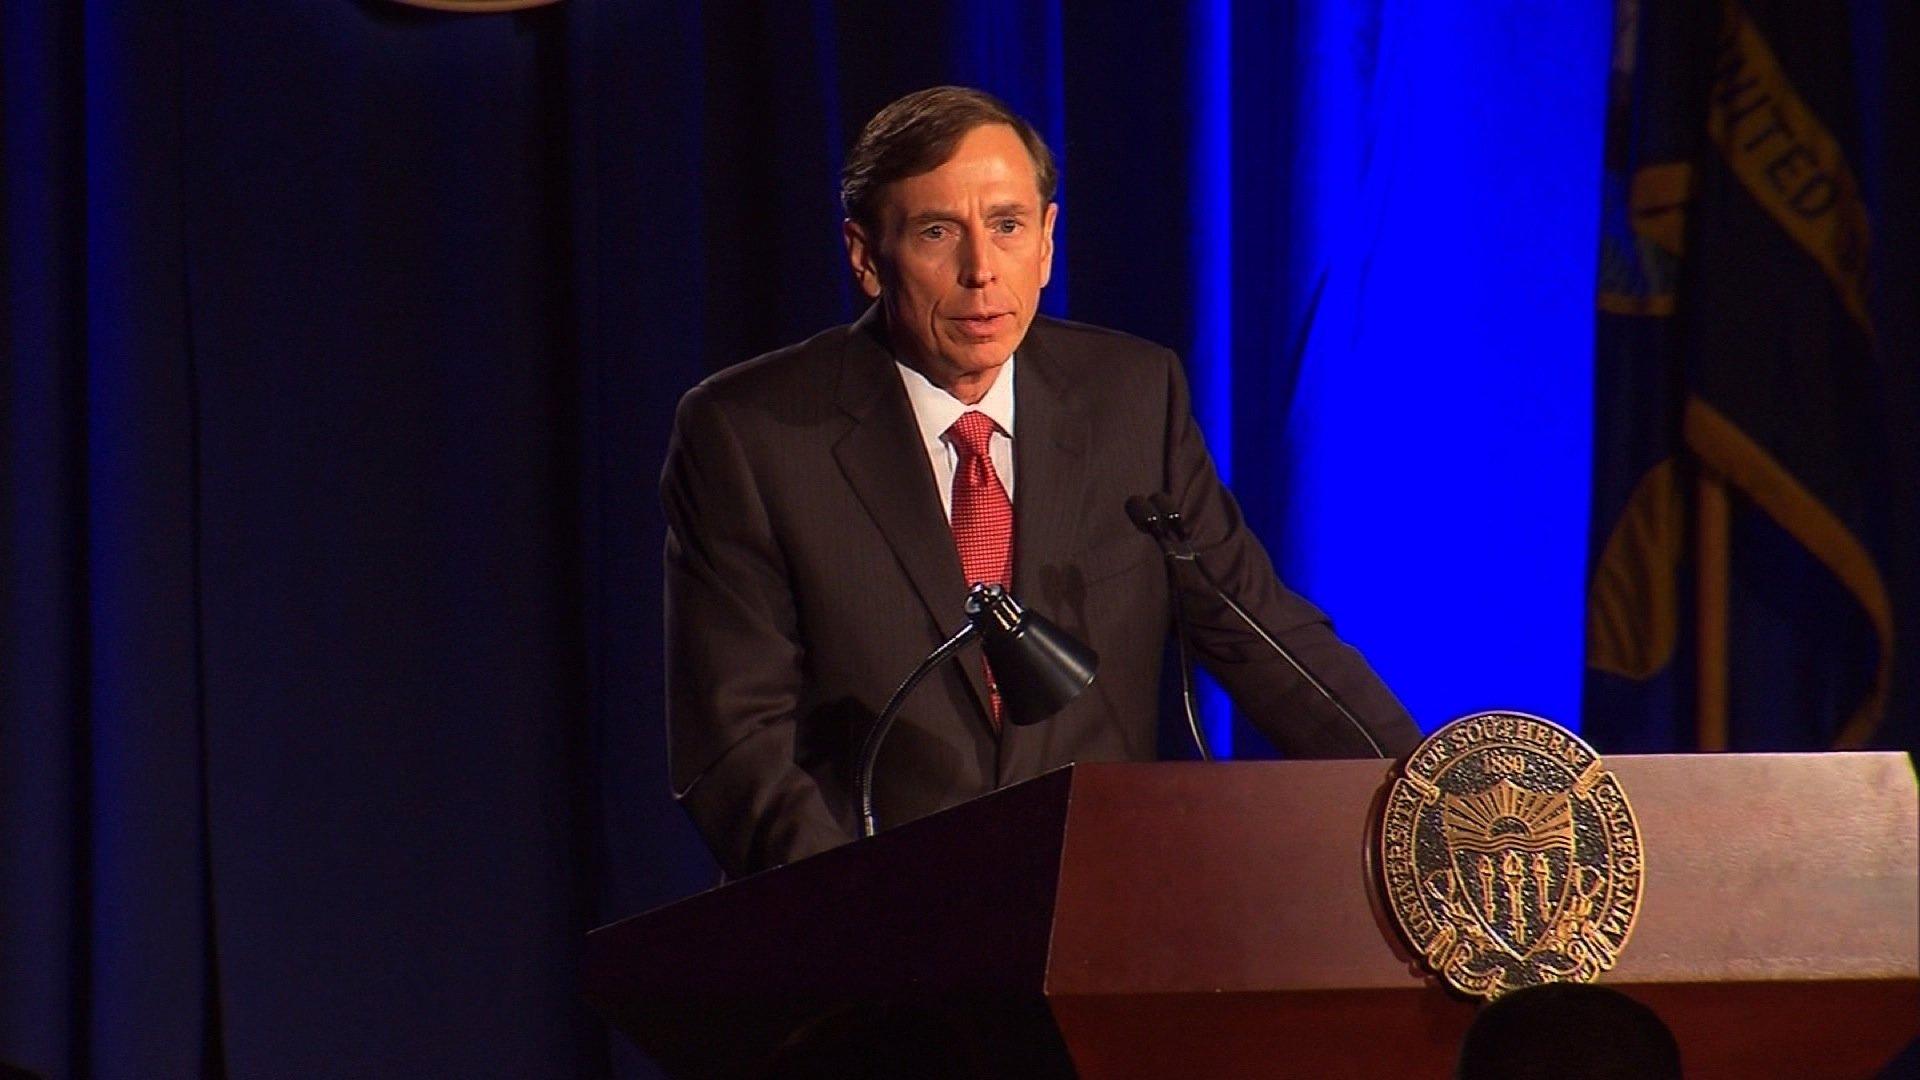 Petraeus Apology